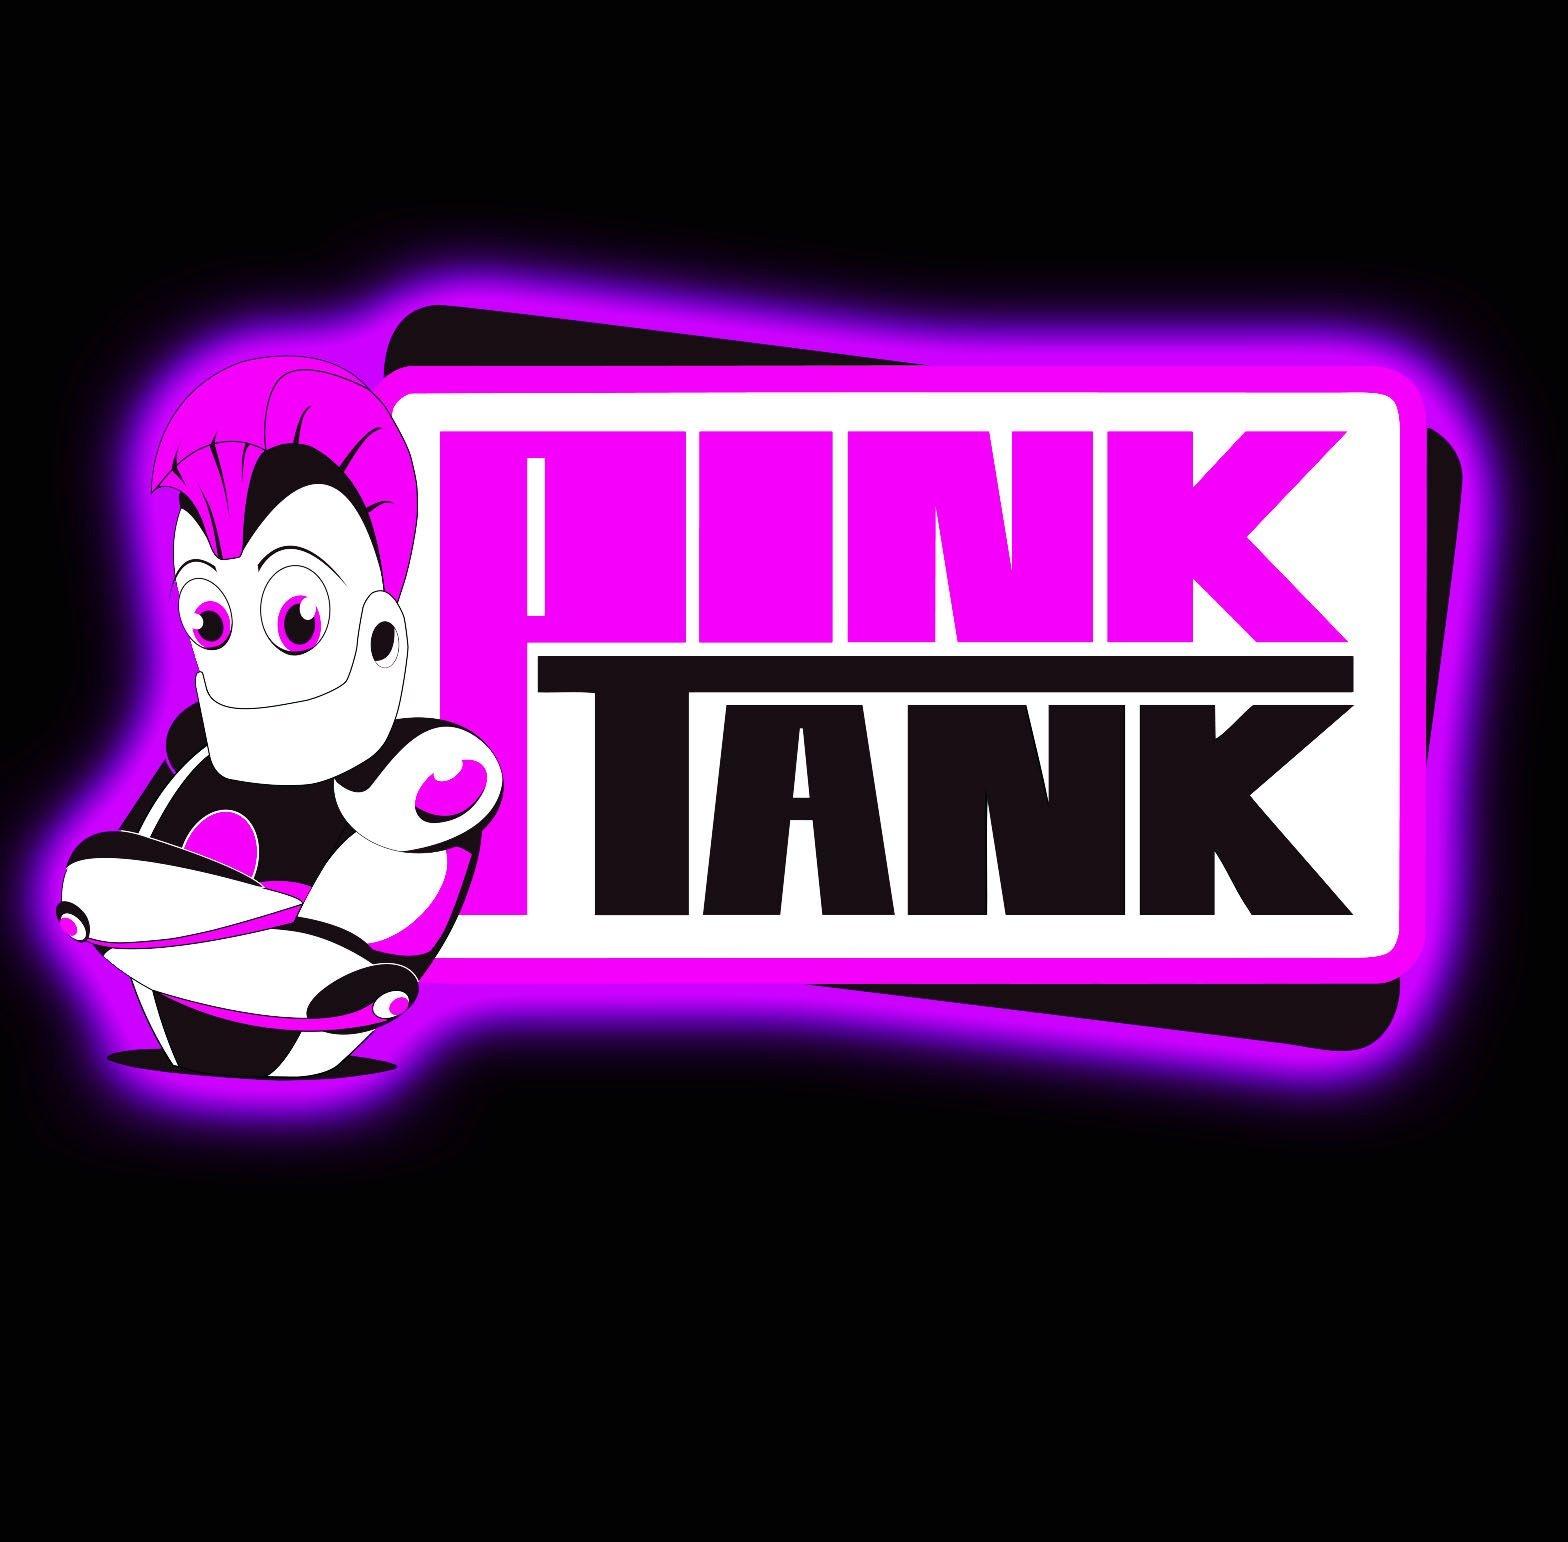 Pink Tank logo